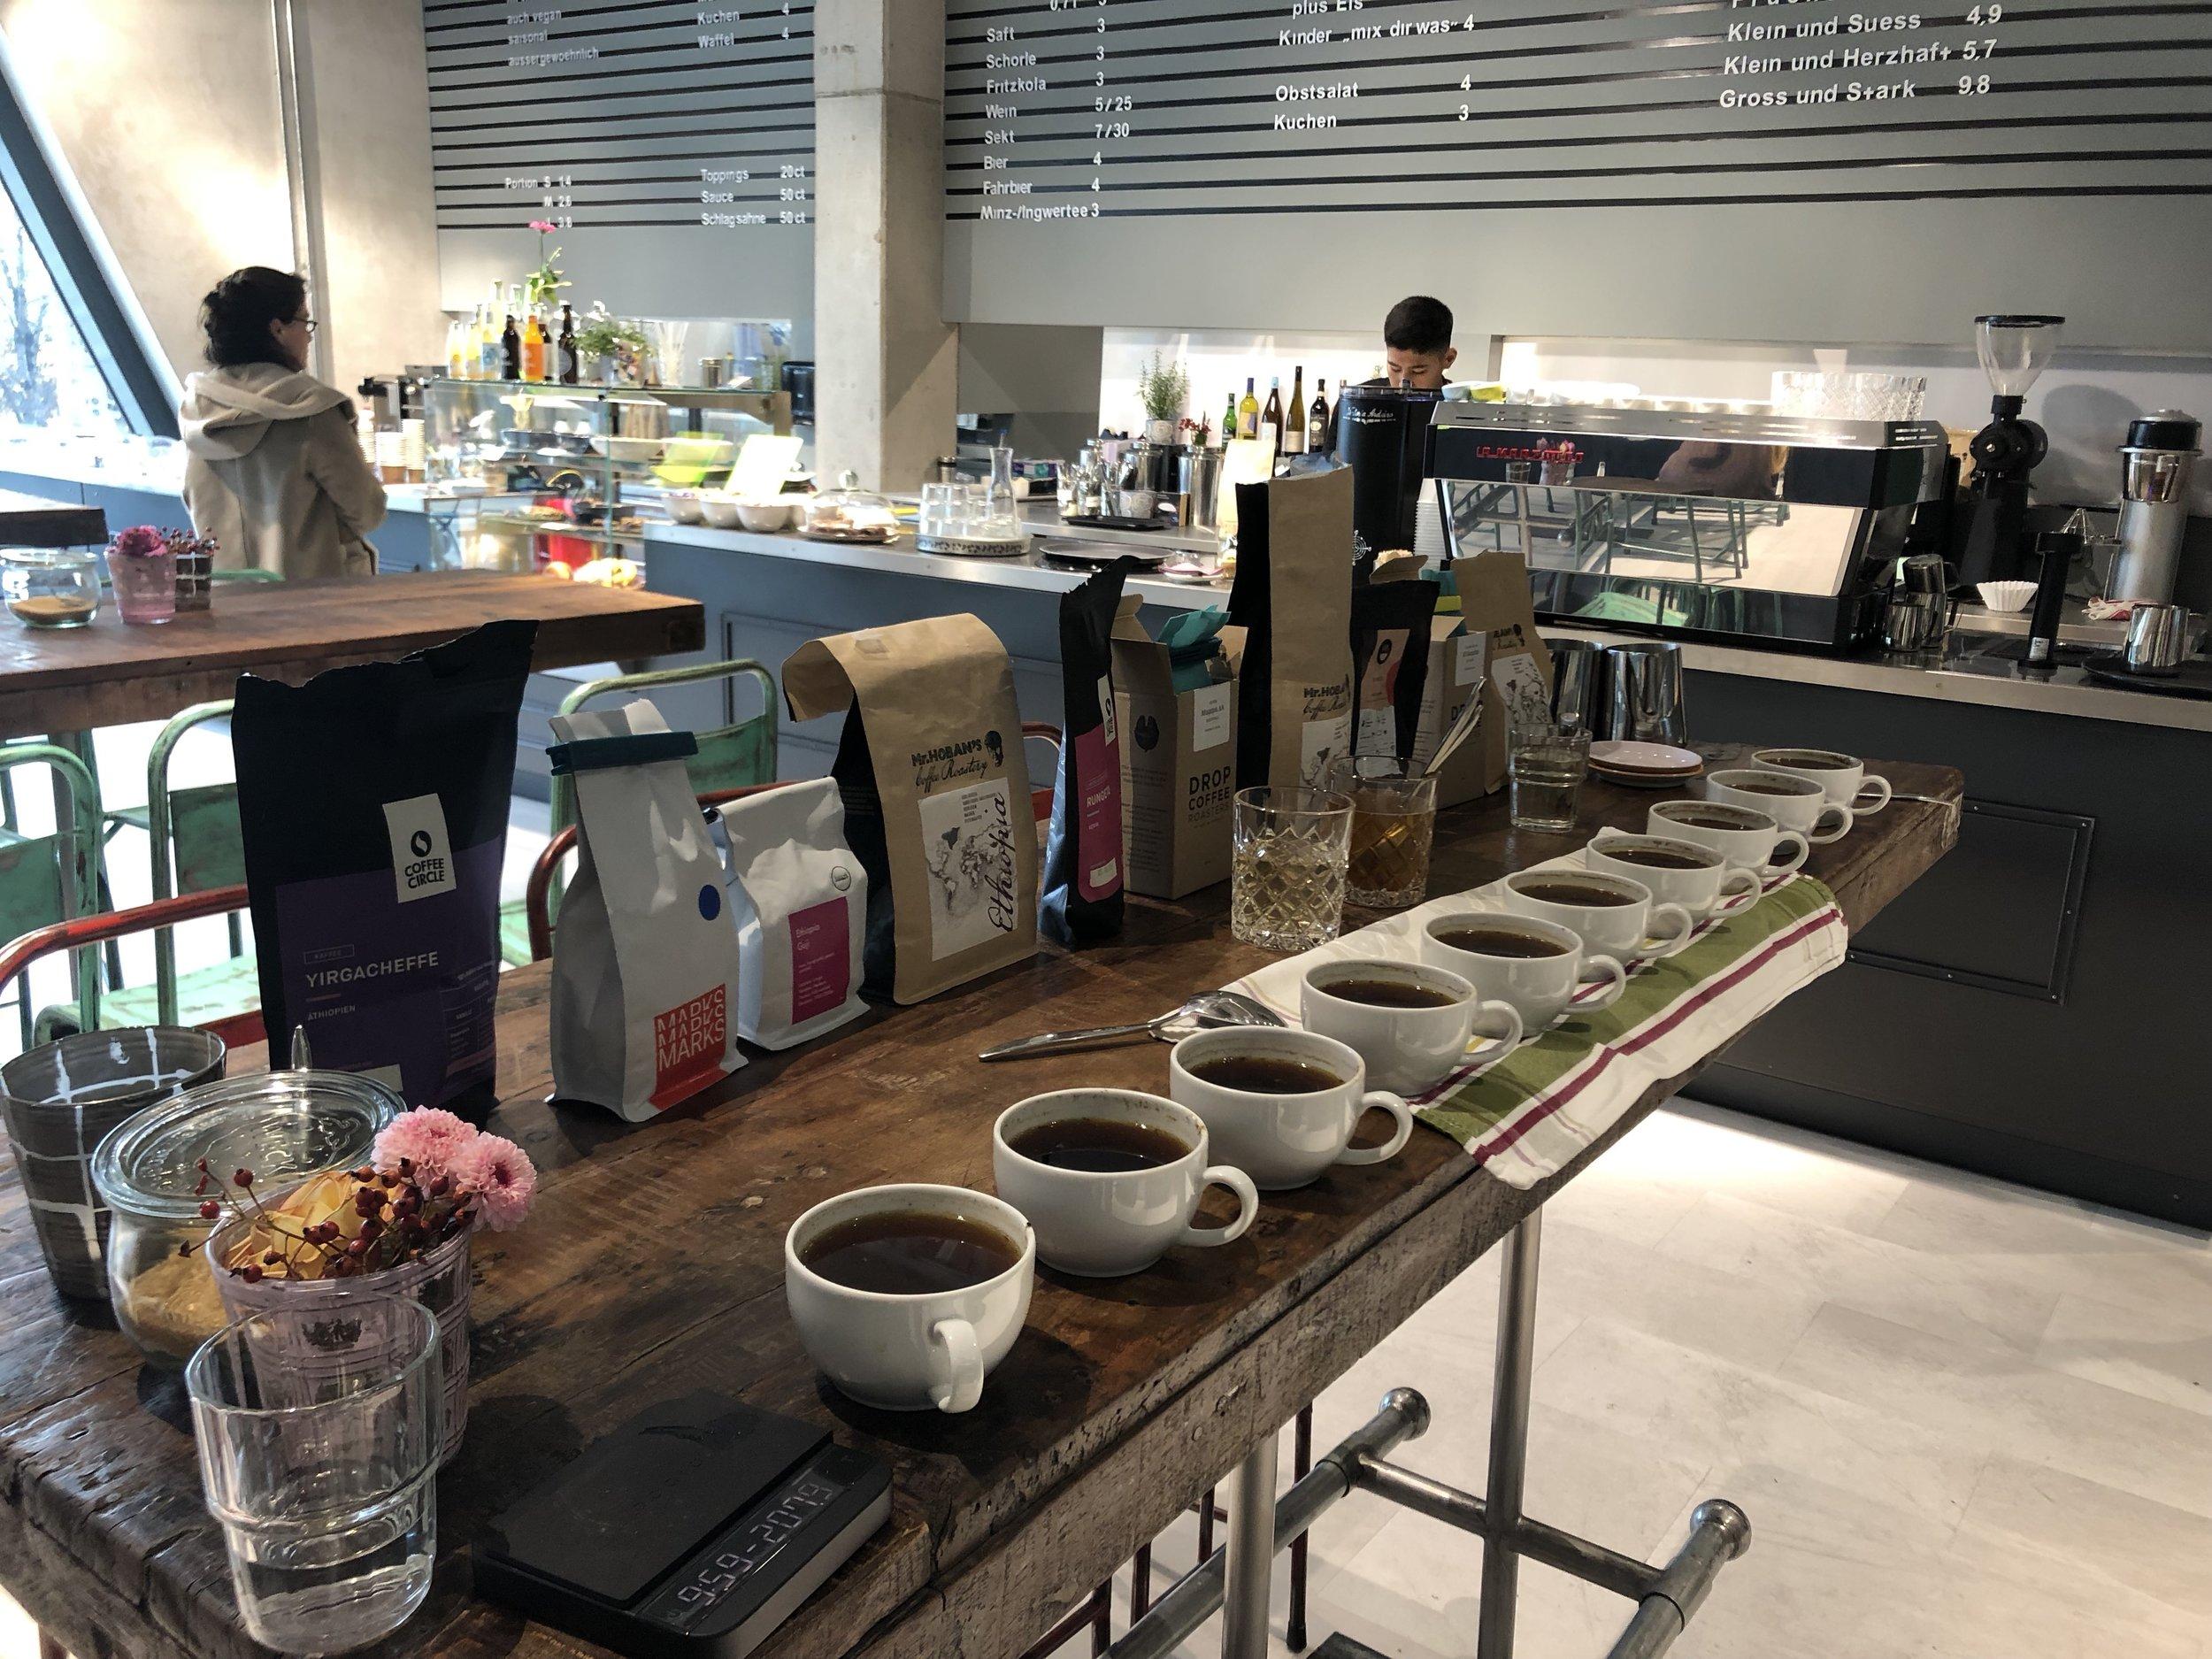 Cuptasting verschiedener Kaffeesorten anderer Röstereien im Vergleich zu Mr. Hobans Coffee